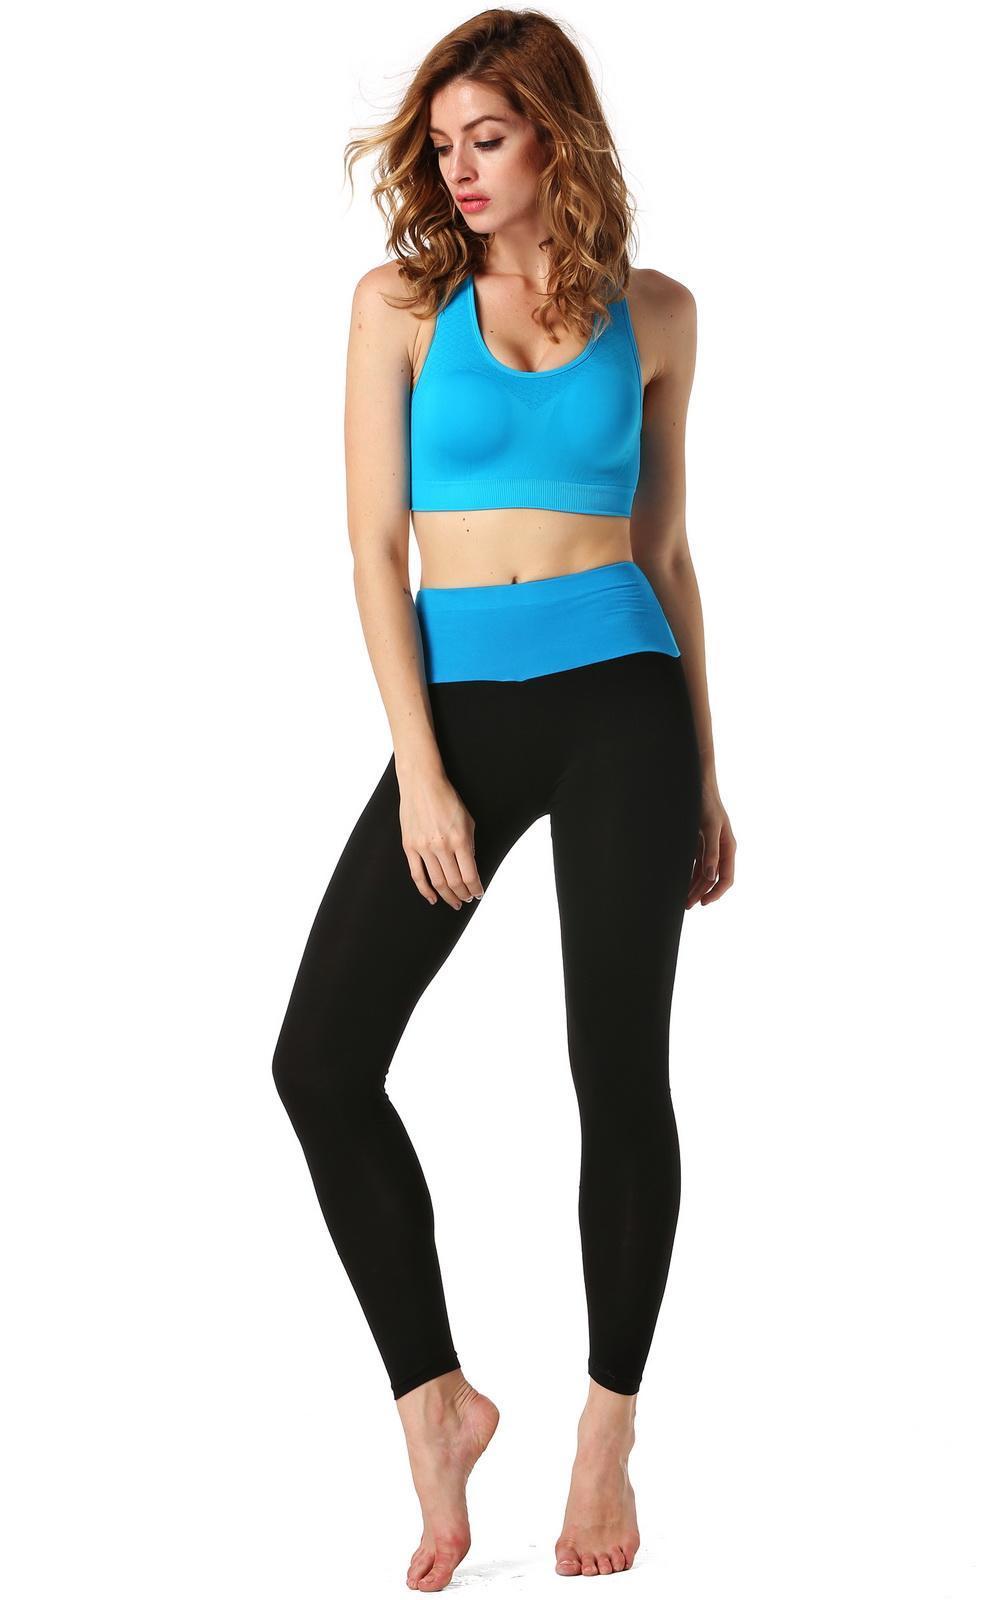 pantalon femme lastique sport yoga gris achat vente pantalon de sport soldes cdiscount. Black Bedroom Furniture Sets. Home Design Ideas